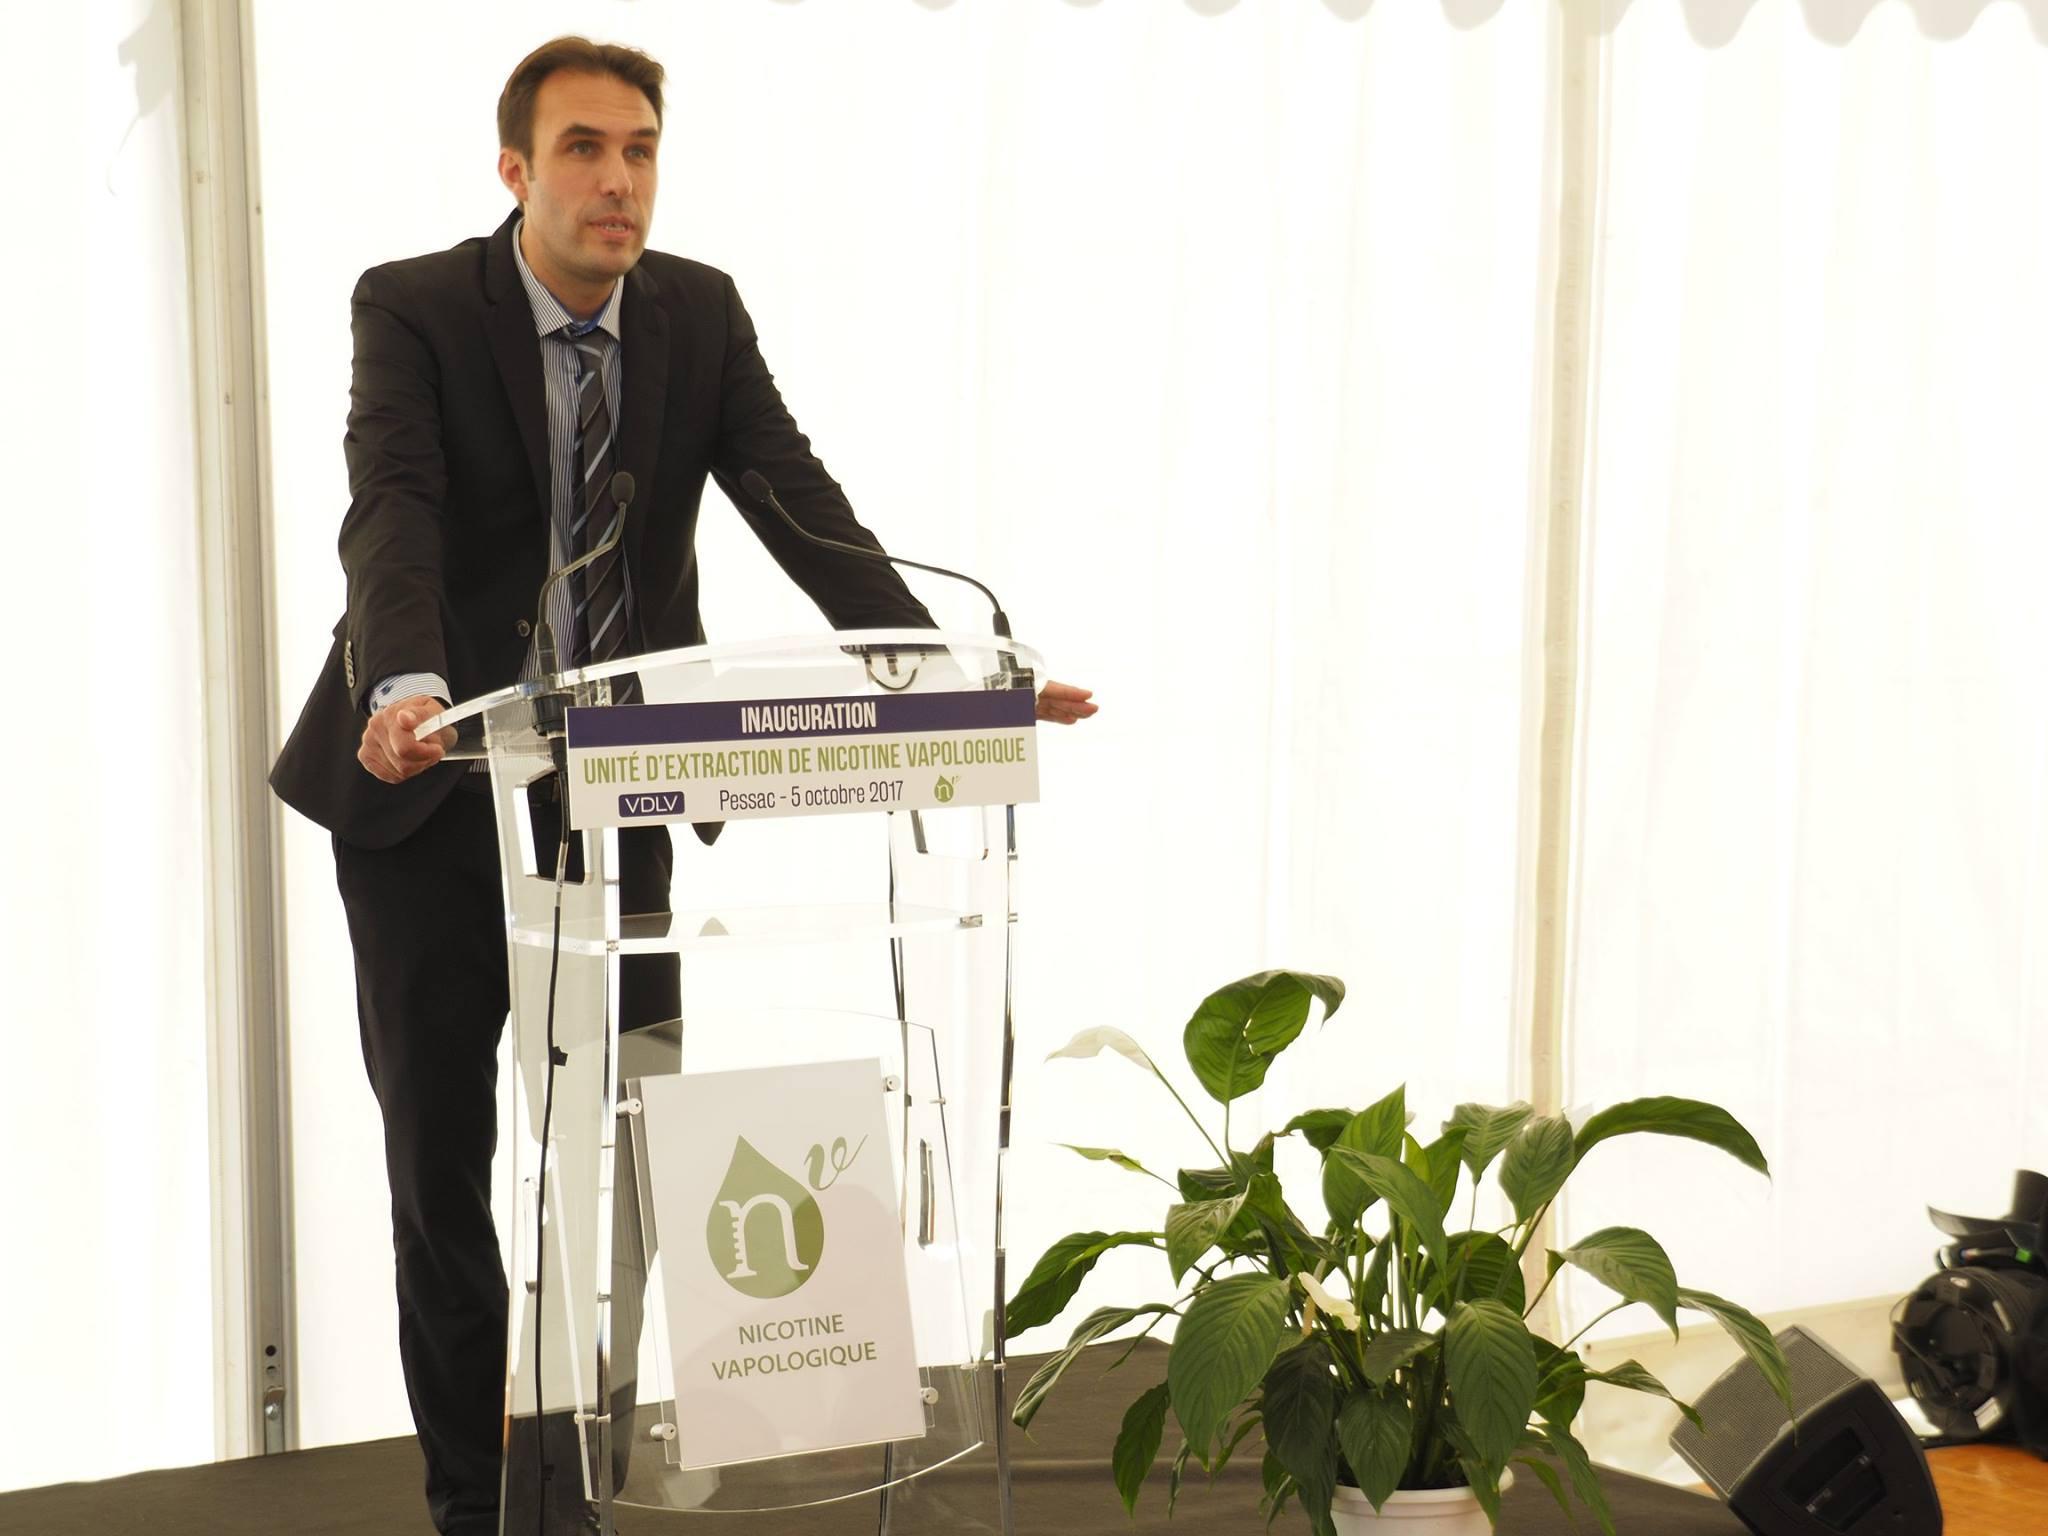 Discours de Vincent Cuisset, Président de VDLV